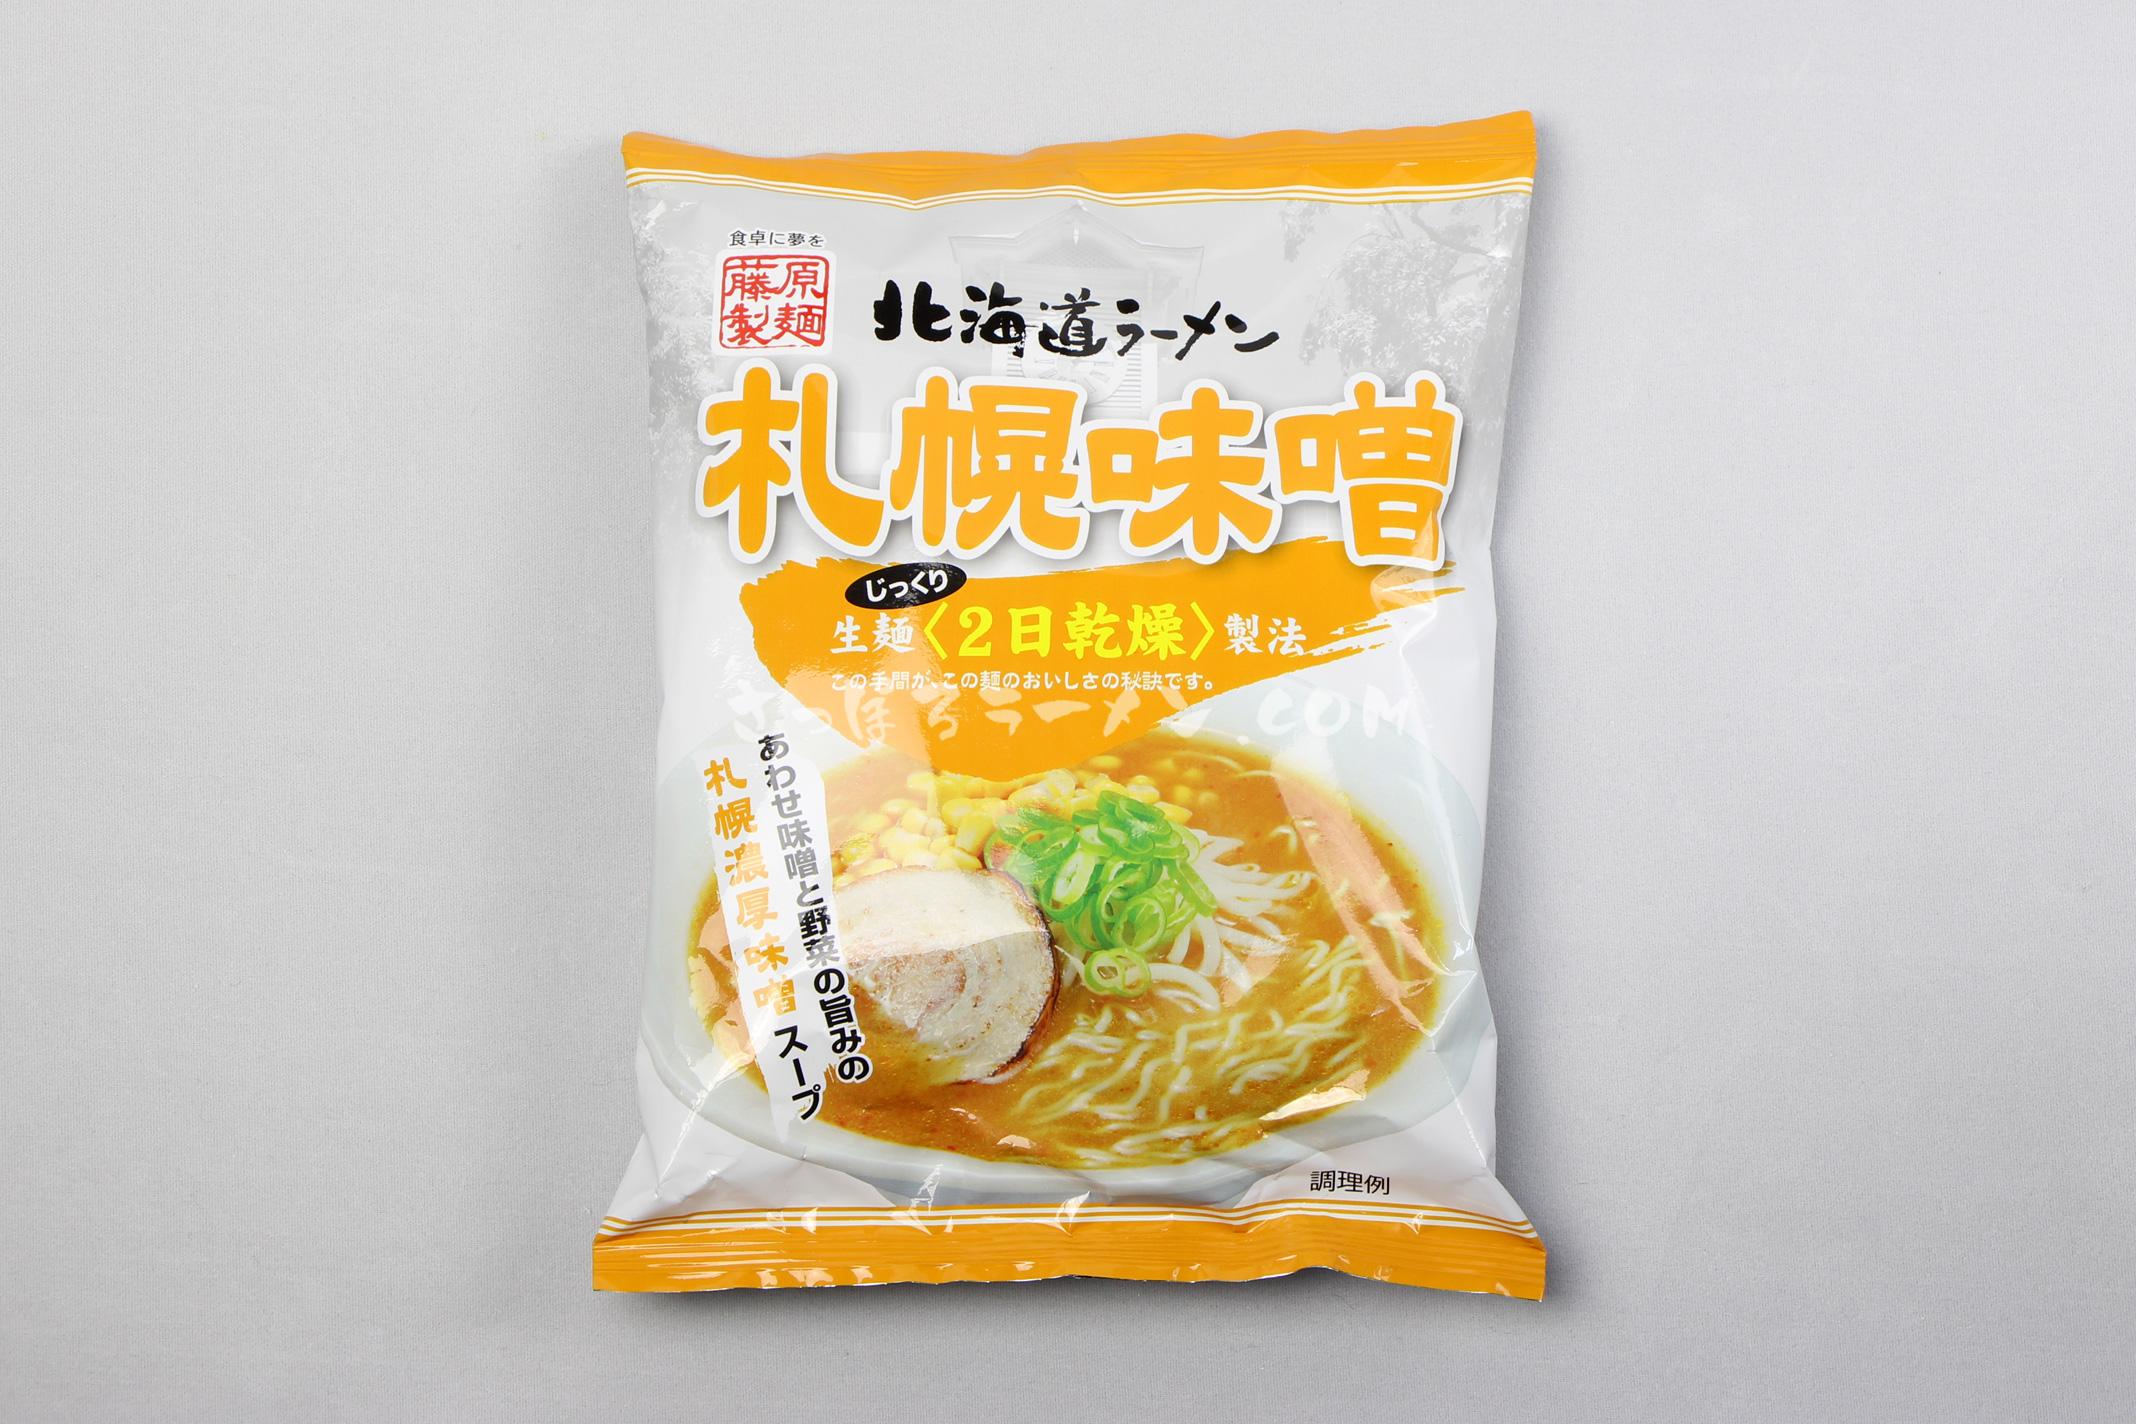 「北海道ラーメン札幌味噌」(藤原製麺)のパッケージ(表)